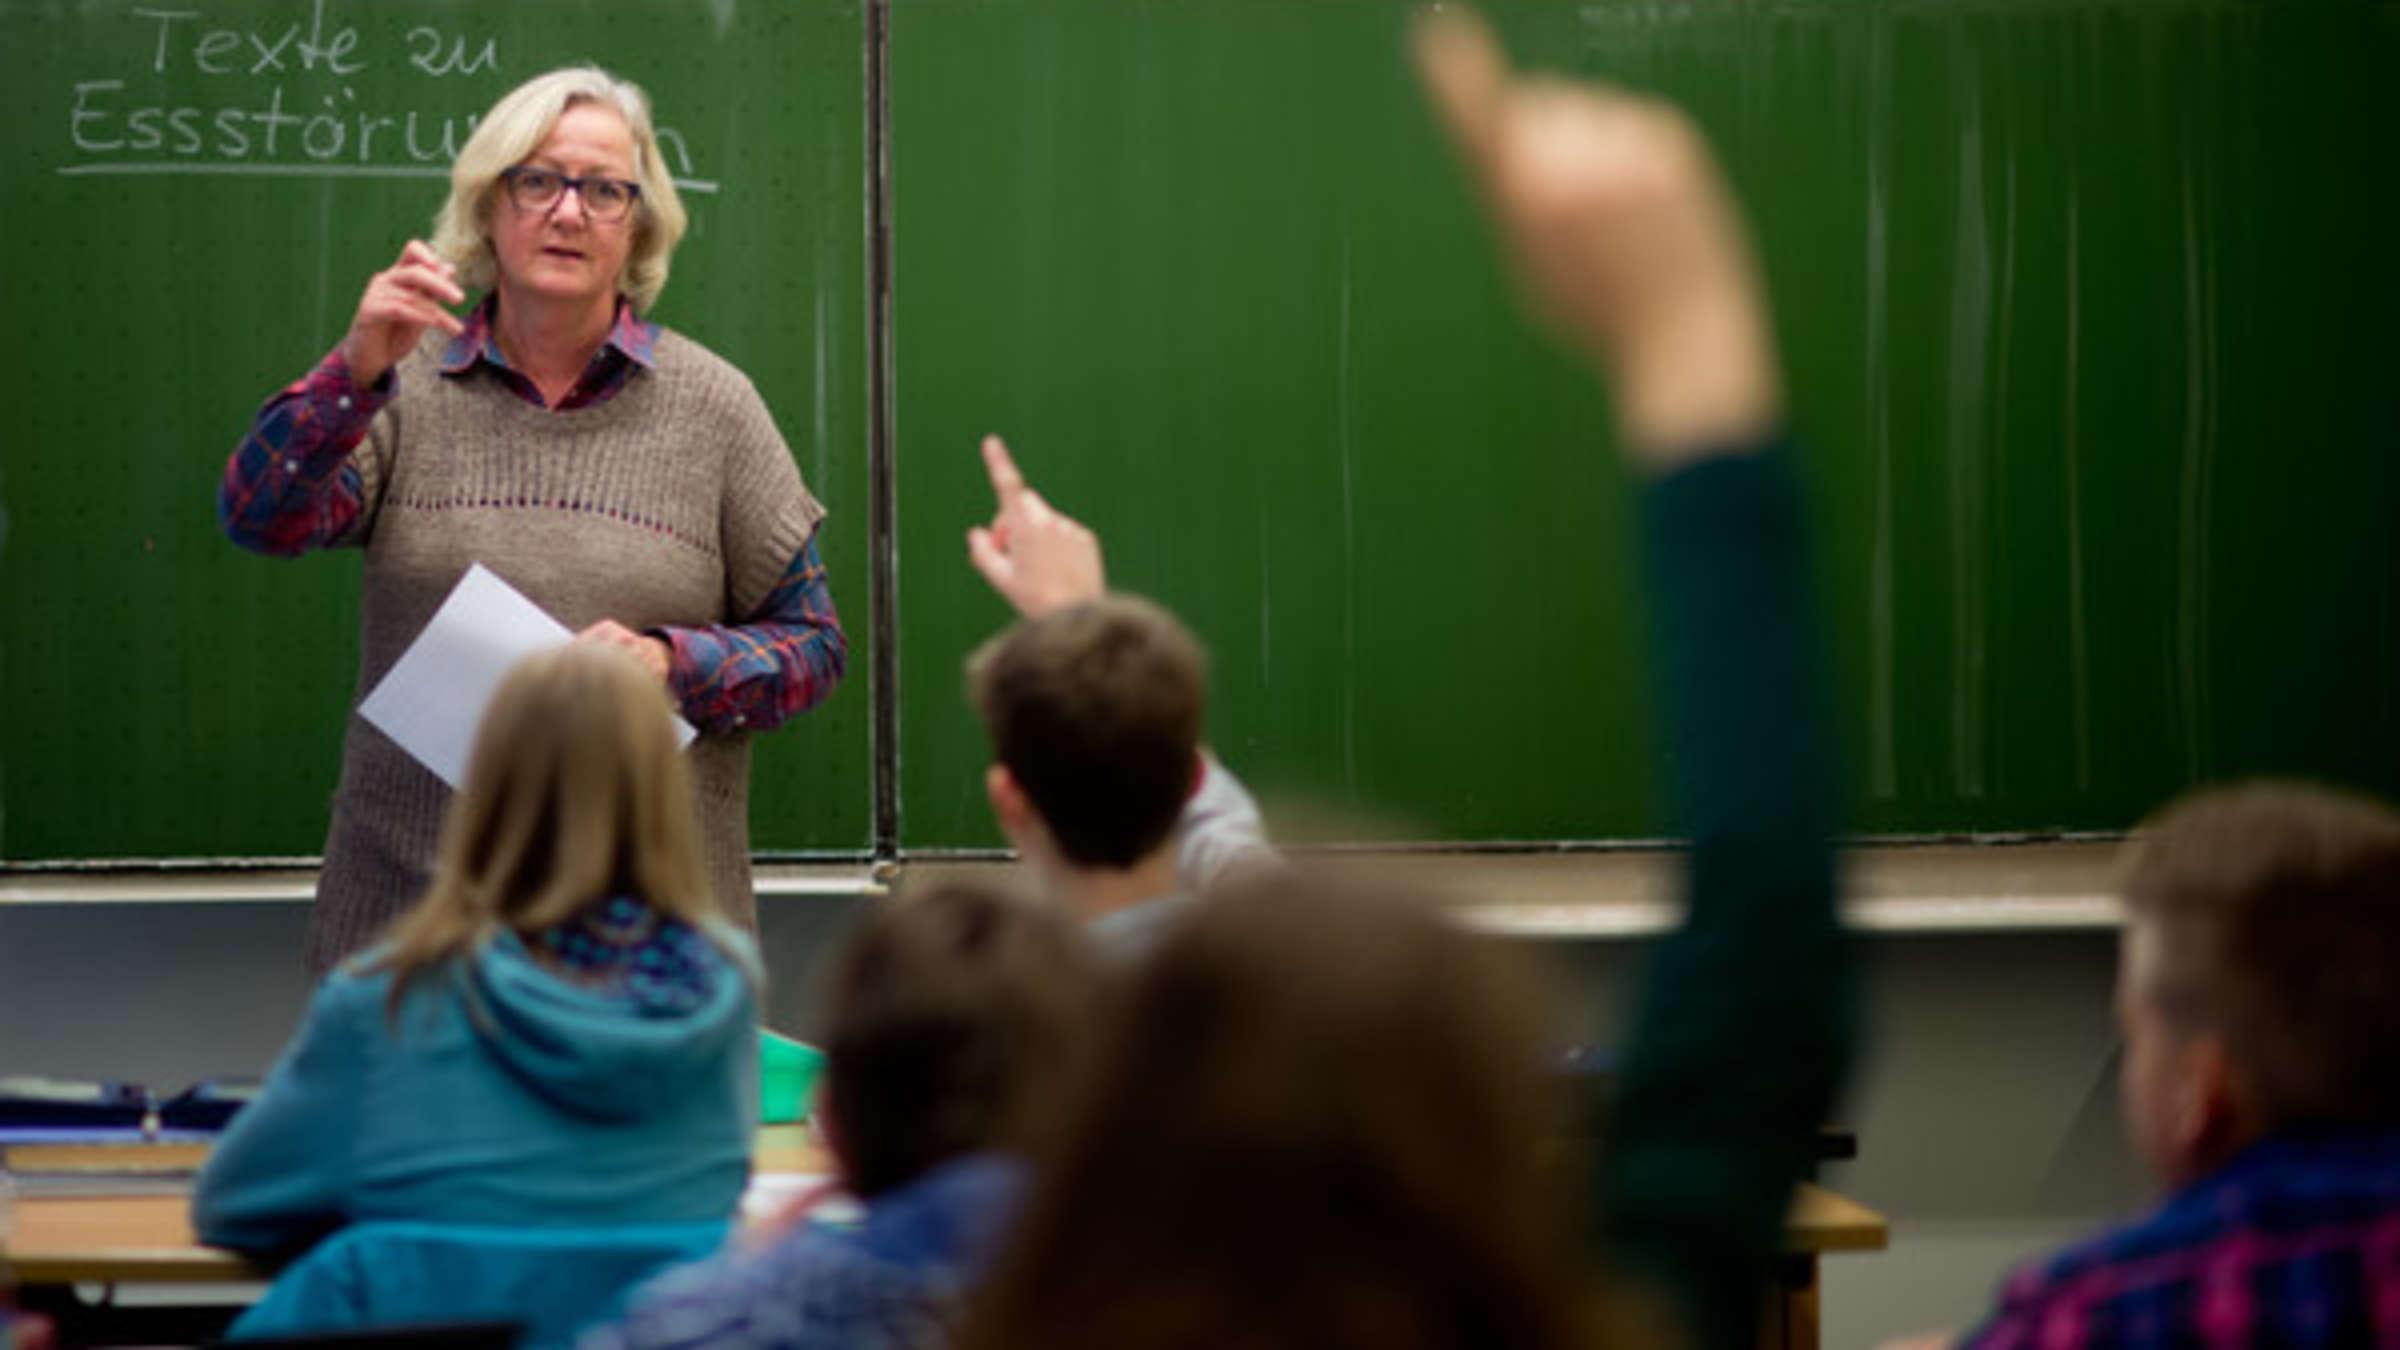 Gehalt Der Lehrer In Usa Neunjähriger Schenkte Seiner Lehrerin Geld Weil Sie Zu Wenig Verdient Karriere